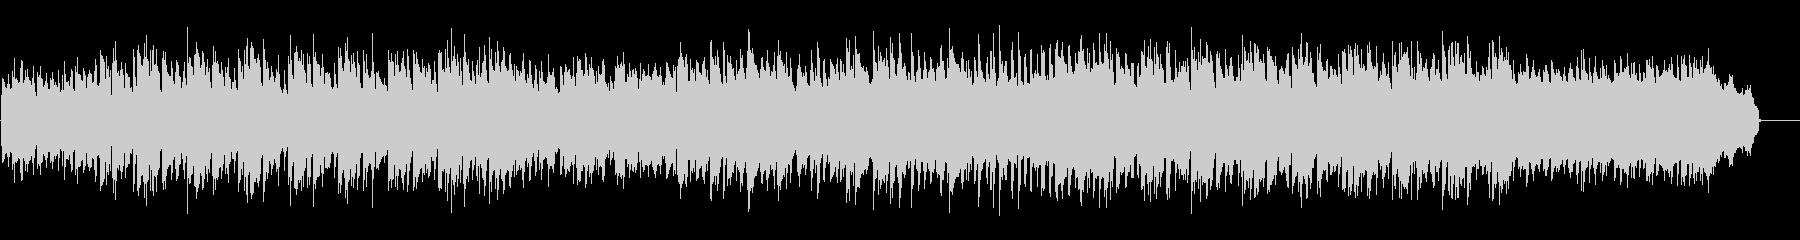 【ドラム抜】お気楽なカントリージャズの未再生の波形